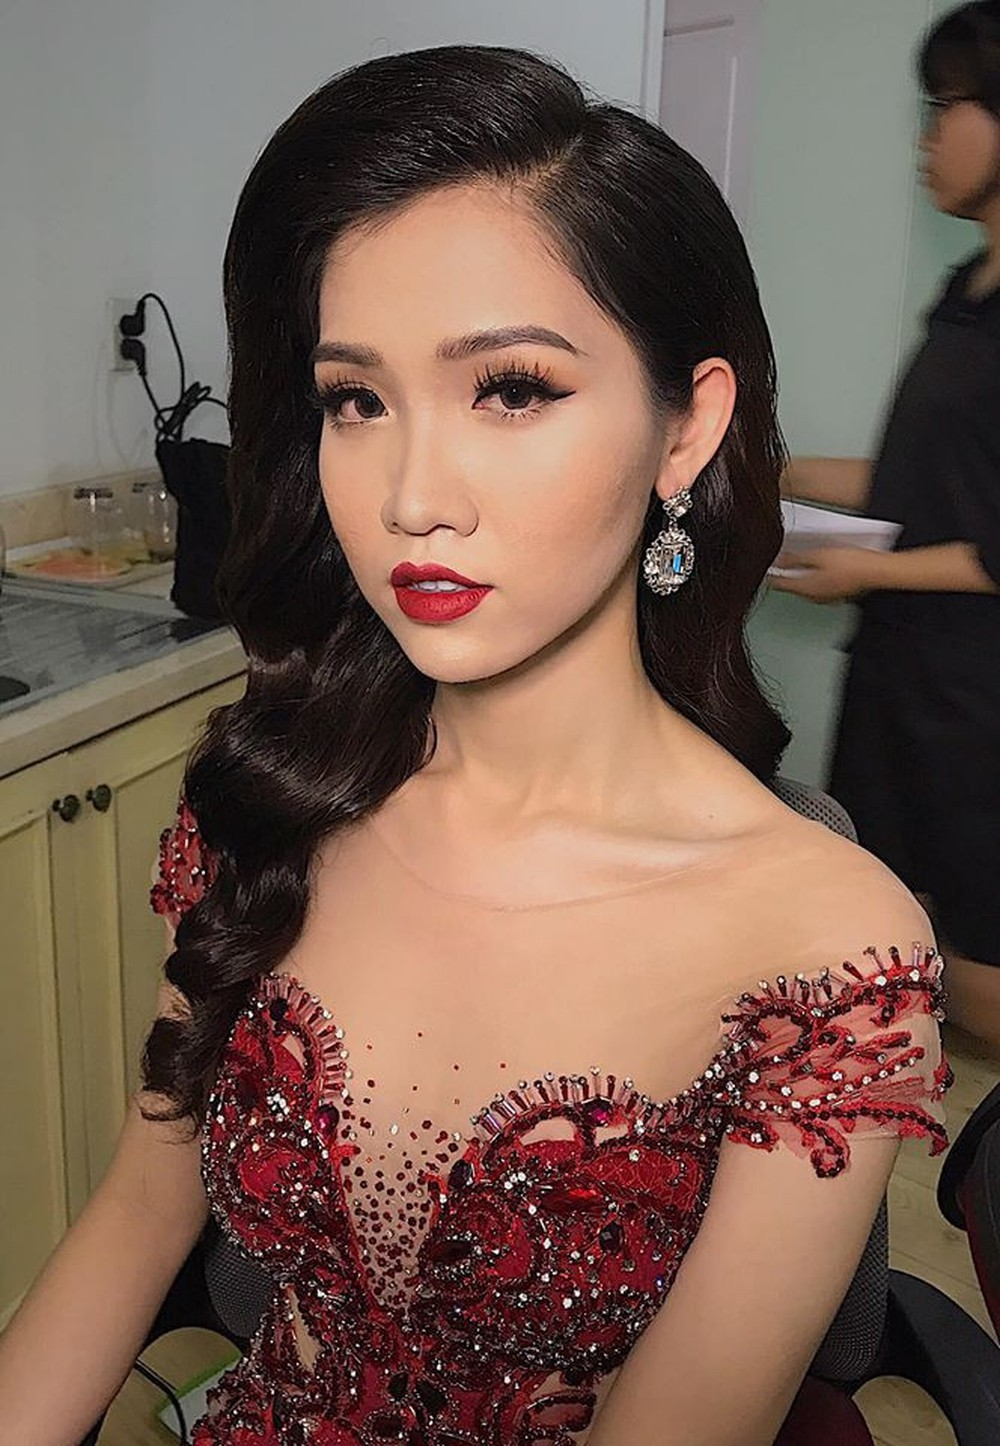 Nhật Hà diện Áo dài, tự tin nói về Tết Việt bằng tiếng Anh trong clip giới thiệu tại Miss International Queen 2019 - Ảnh 4.